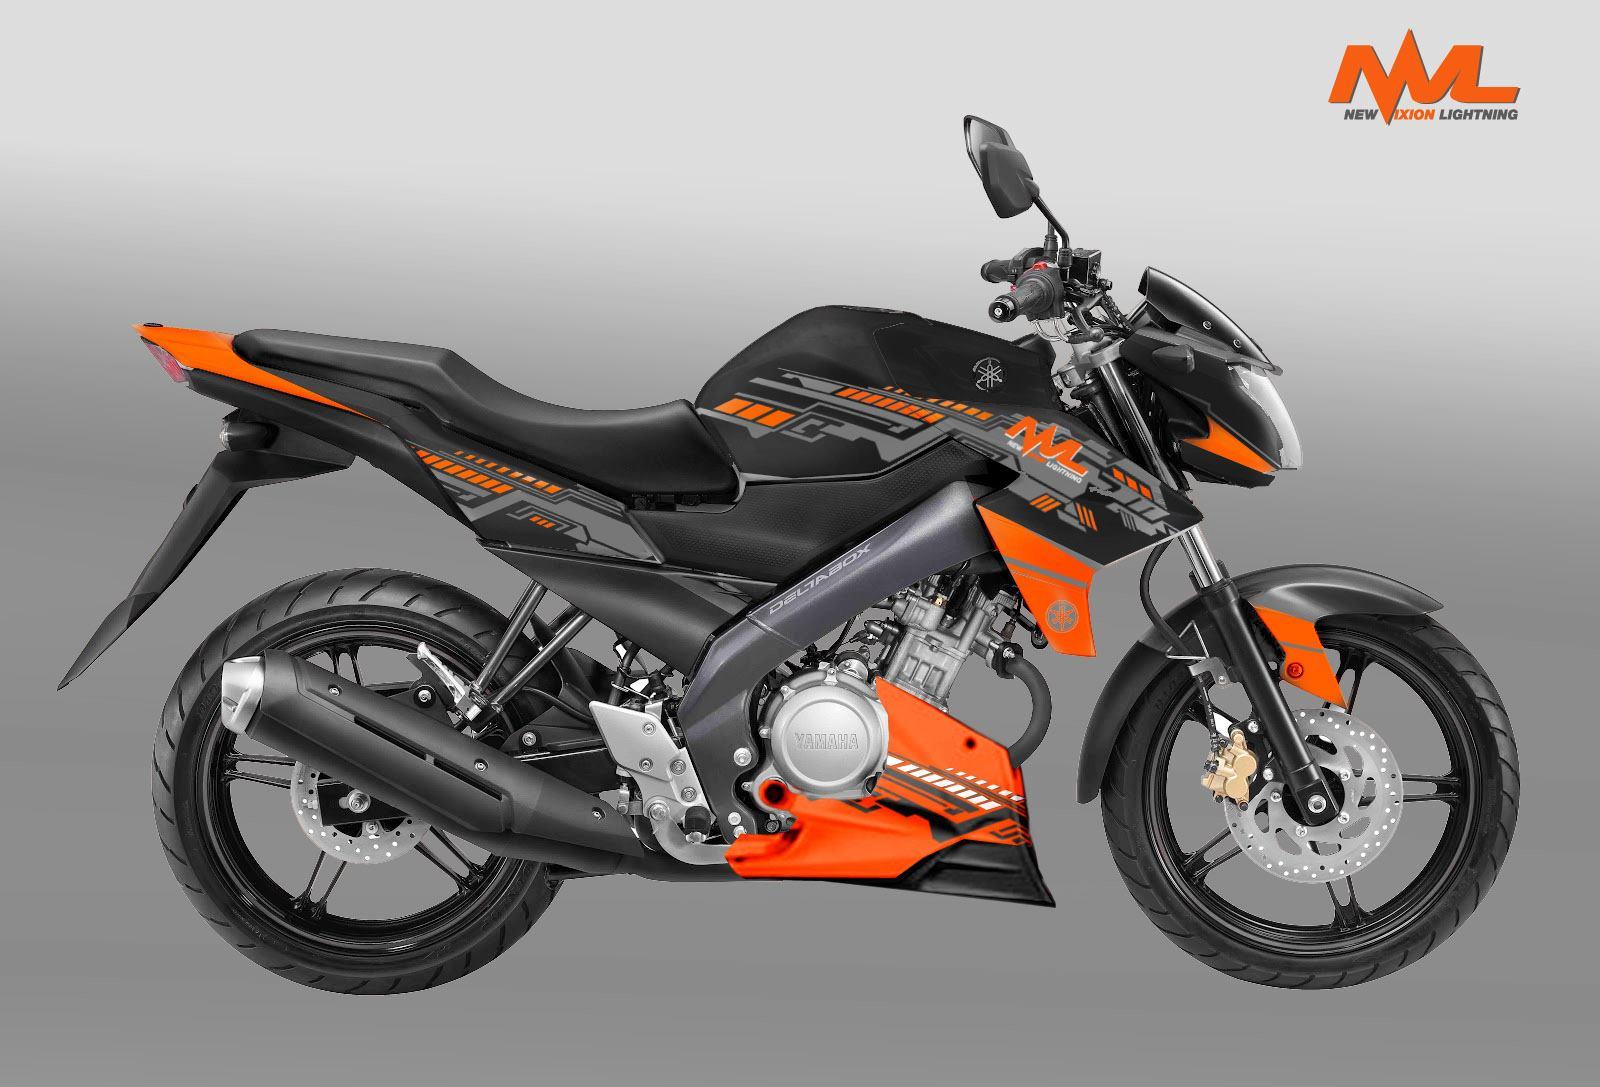 Koleksi Modifikasi Mtor Vixion 2013 Terbaru Dunia Motor